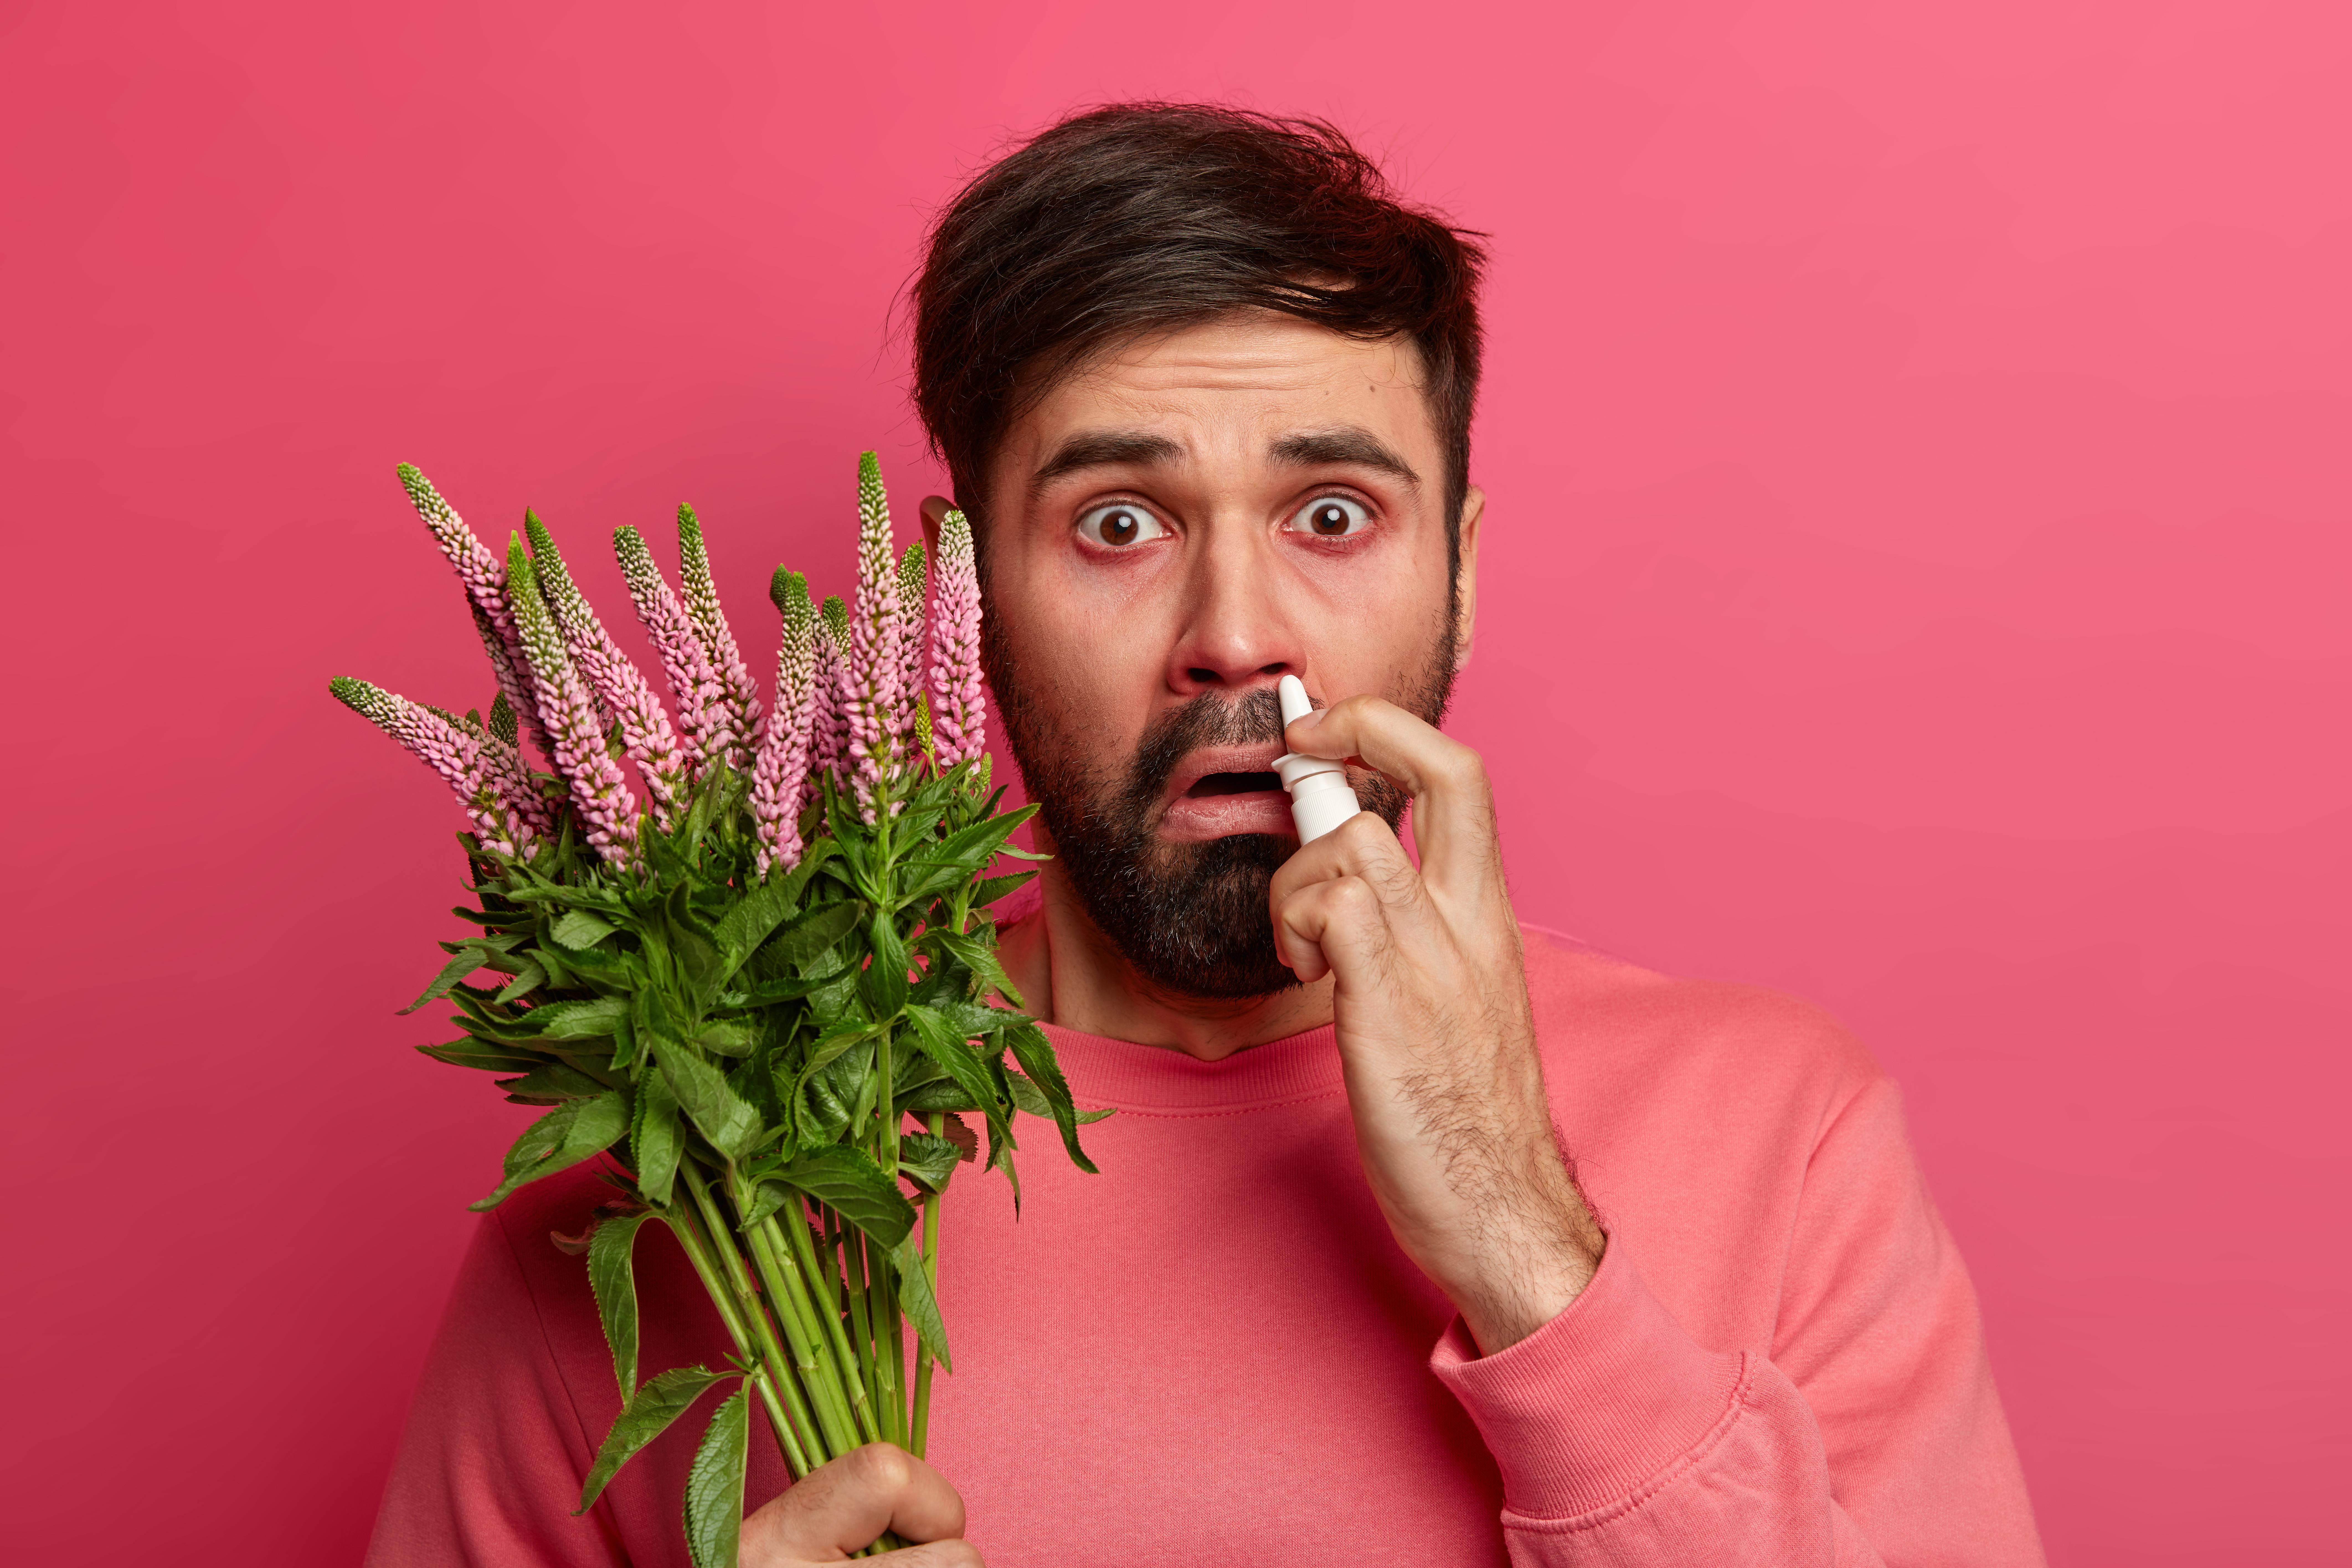 La Primavera, i Pollini e le Allergie: attenzioni e rimedi